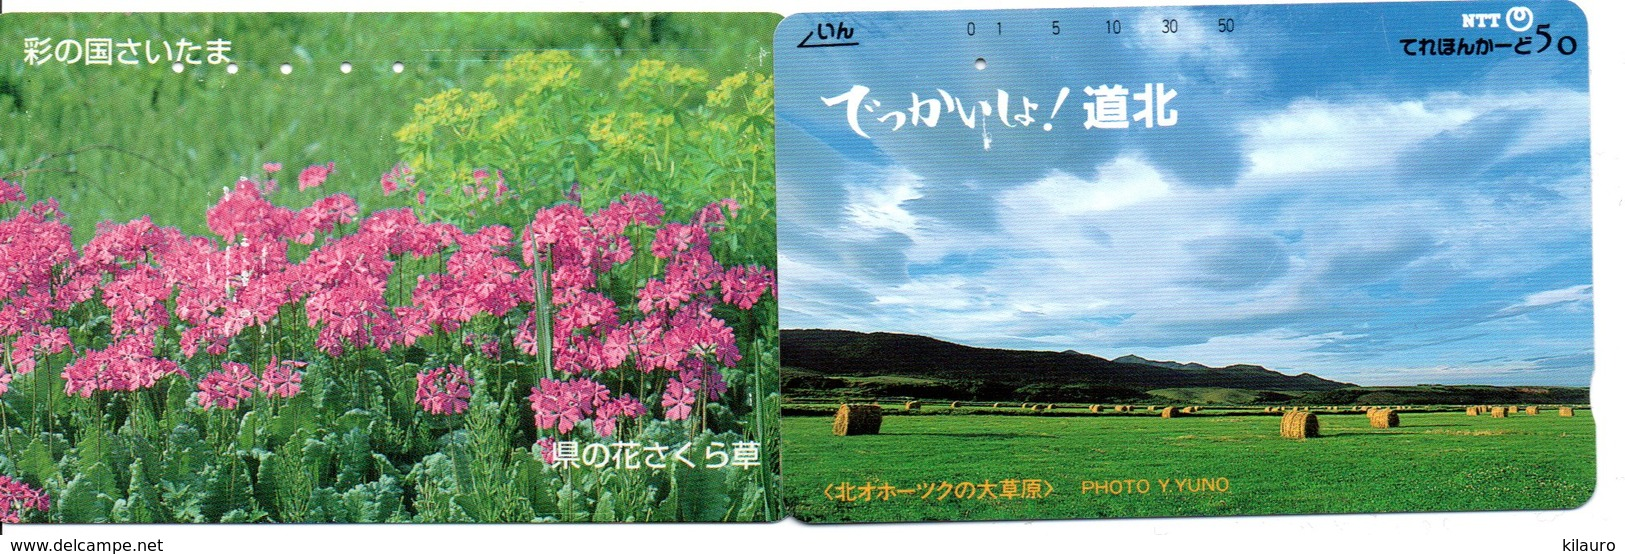 2 Télécartes Japon Japan  Fleur Flower  Phonecard (D 673) - Fleurs